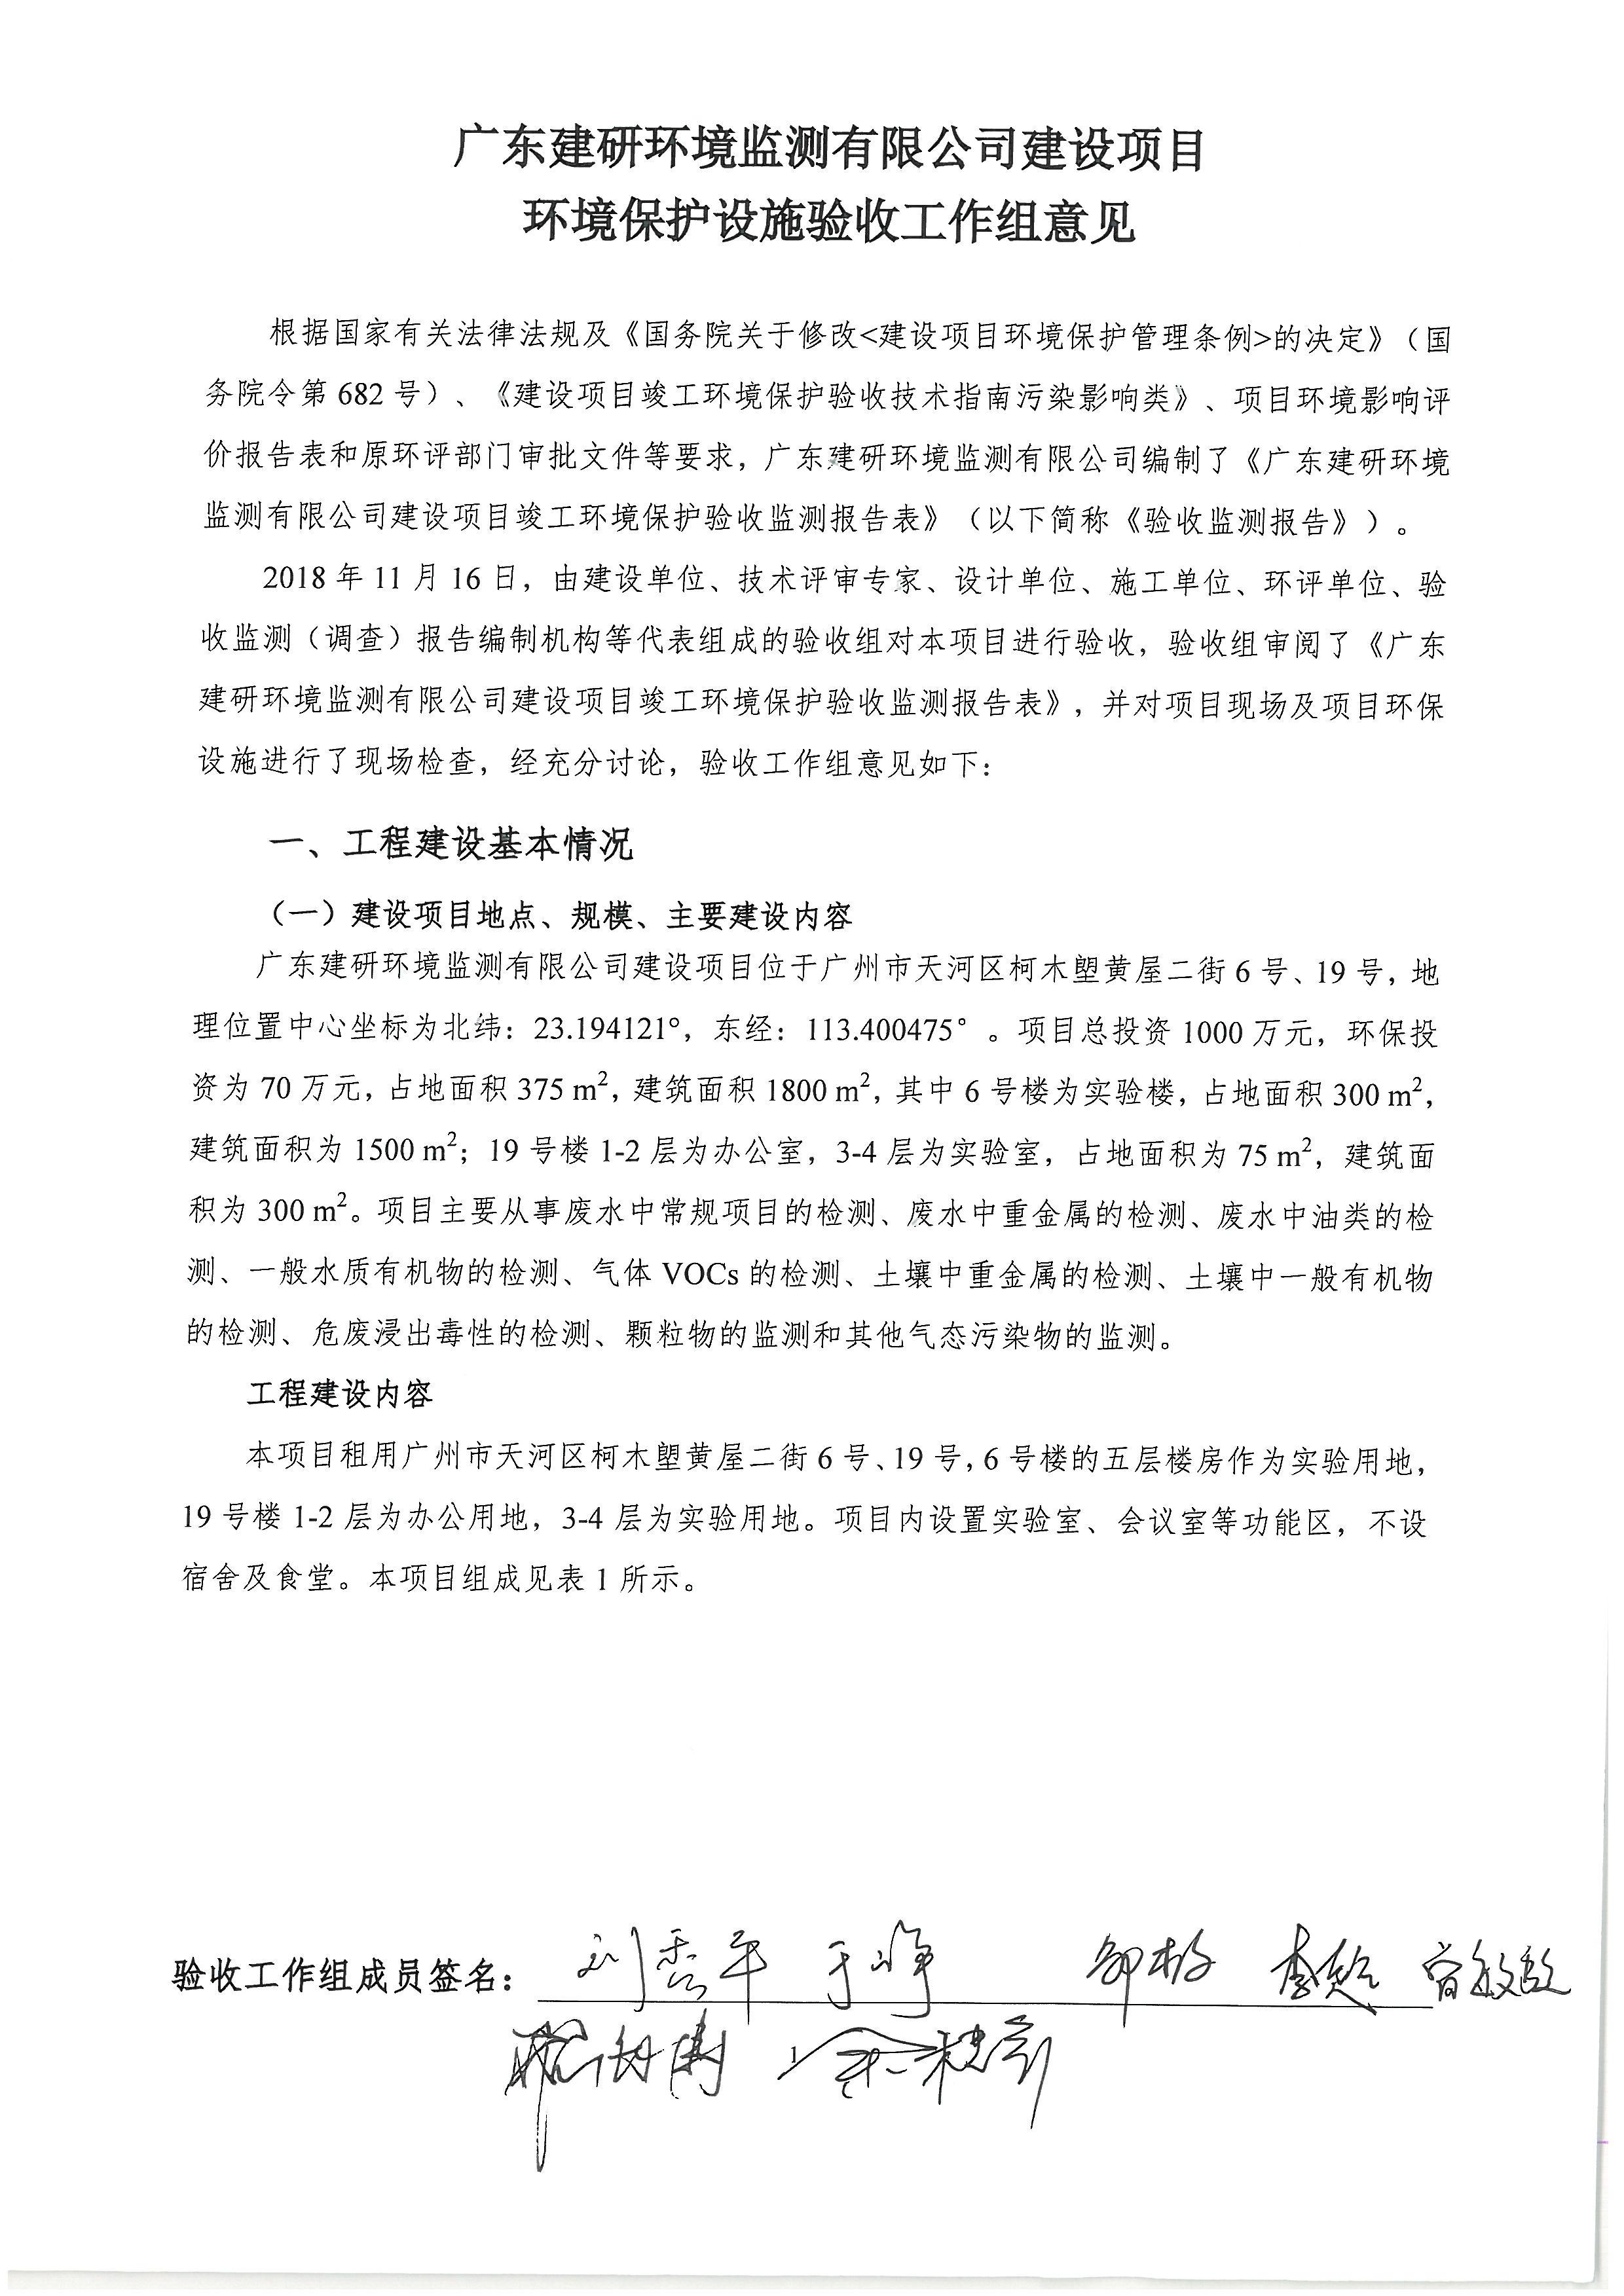 广东建研环境监测有限公司建设项目环境保护设施验收工作组意见_页面_1